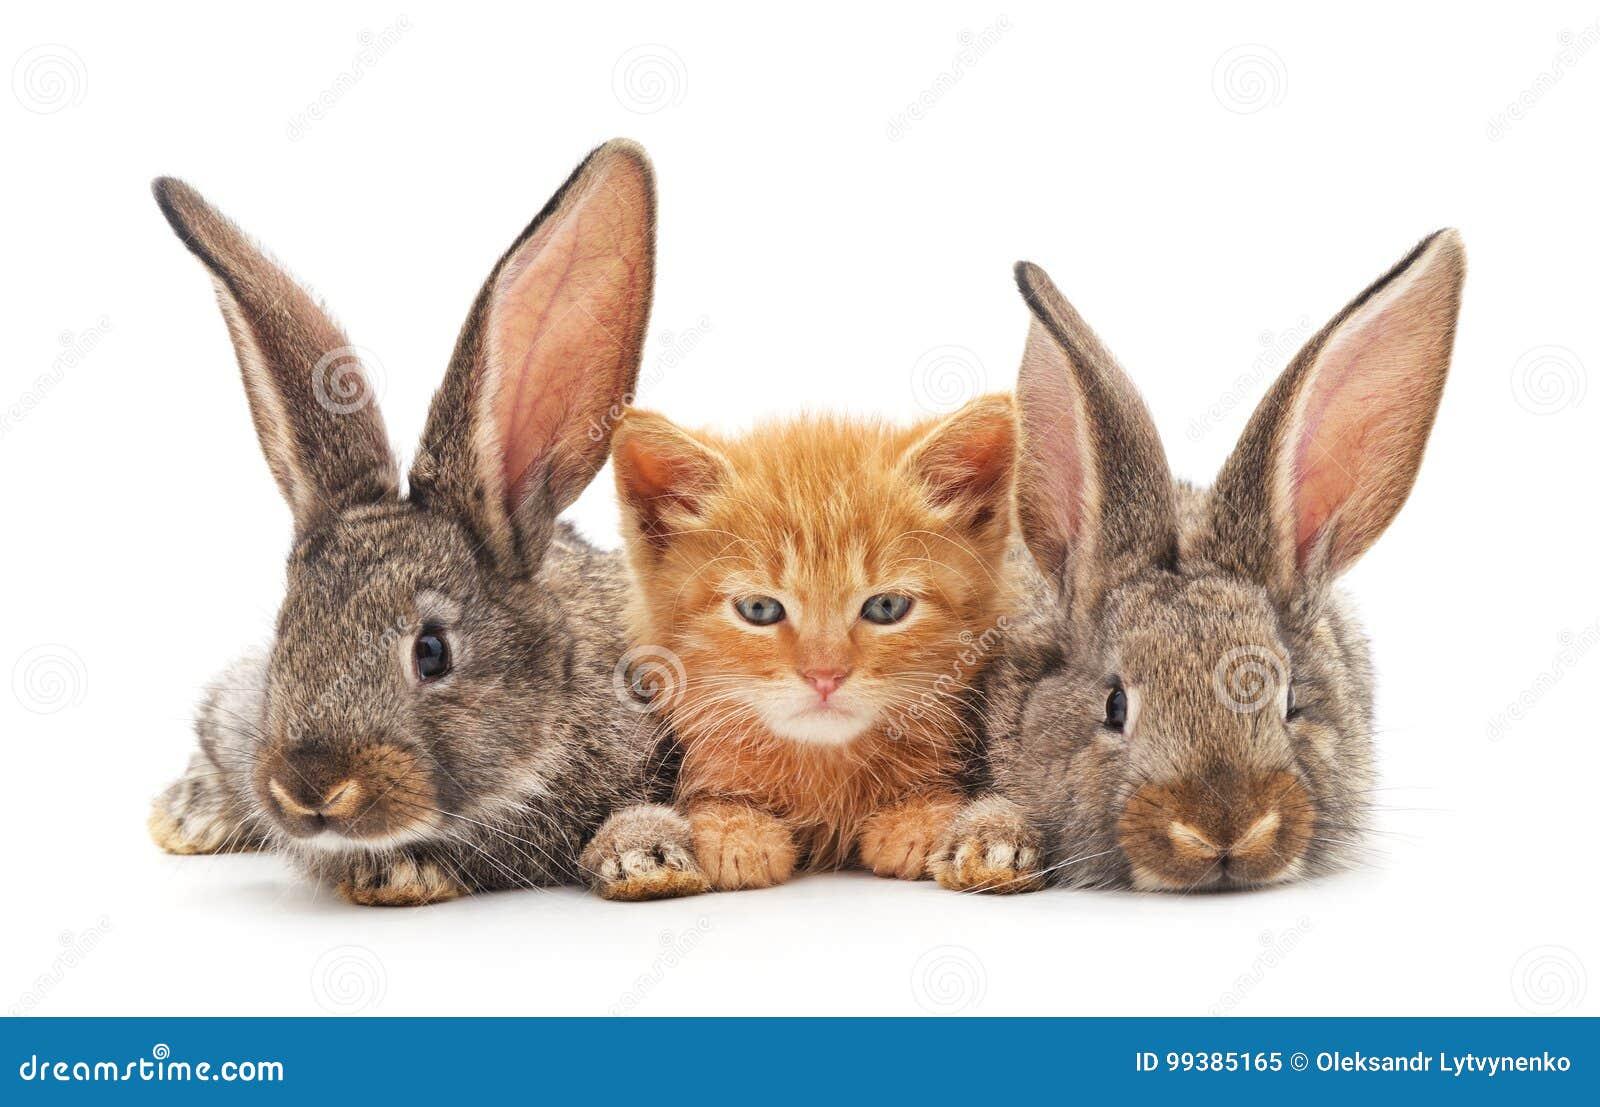 Röd kattunge och kaniner